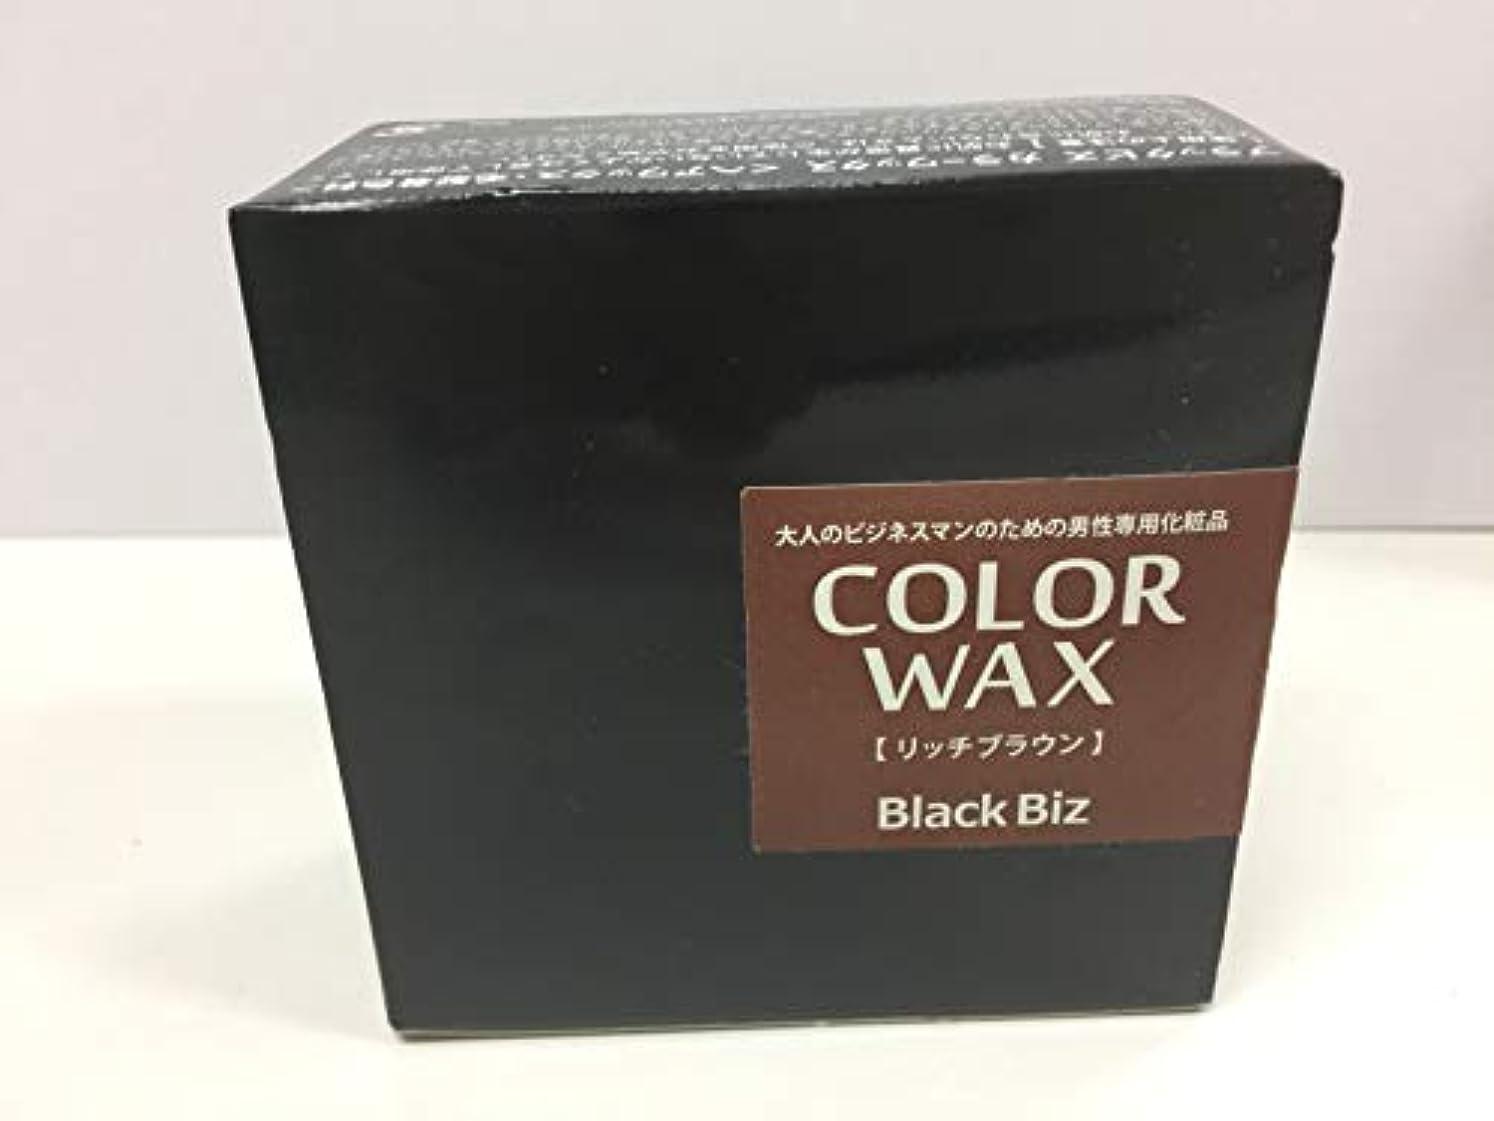 言い訳渦バドミントン大人のビジネスマンのための男性専用化粧品 BlackBiz COLOR WAX ブラックビズ カラーワックス 【リッチブラウン】